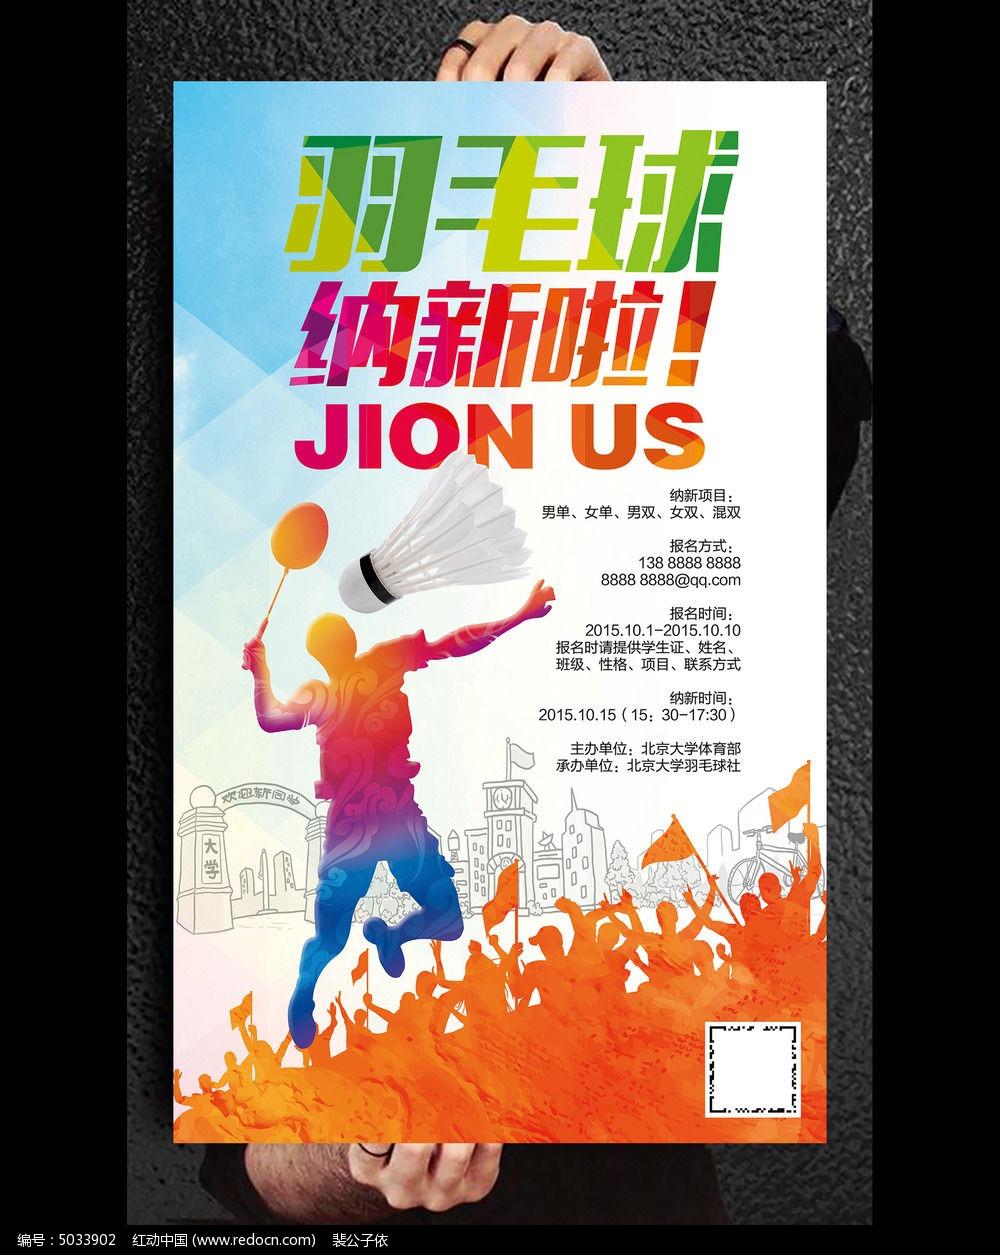 羽毛球社团纳新海报设计psd素材下载_海报设计图片